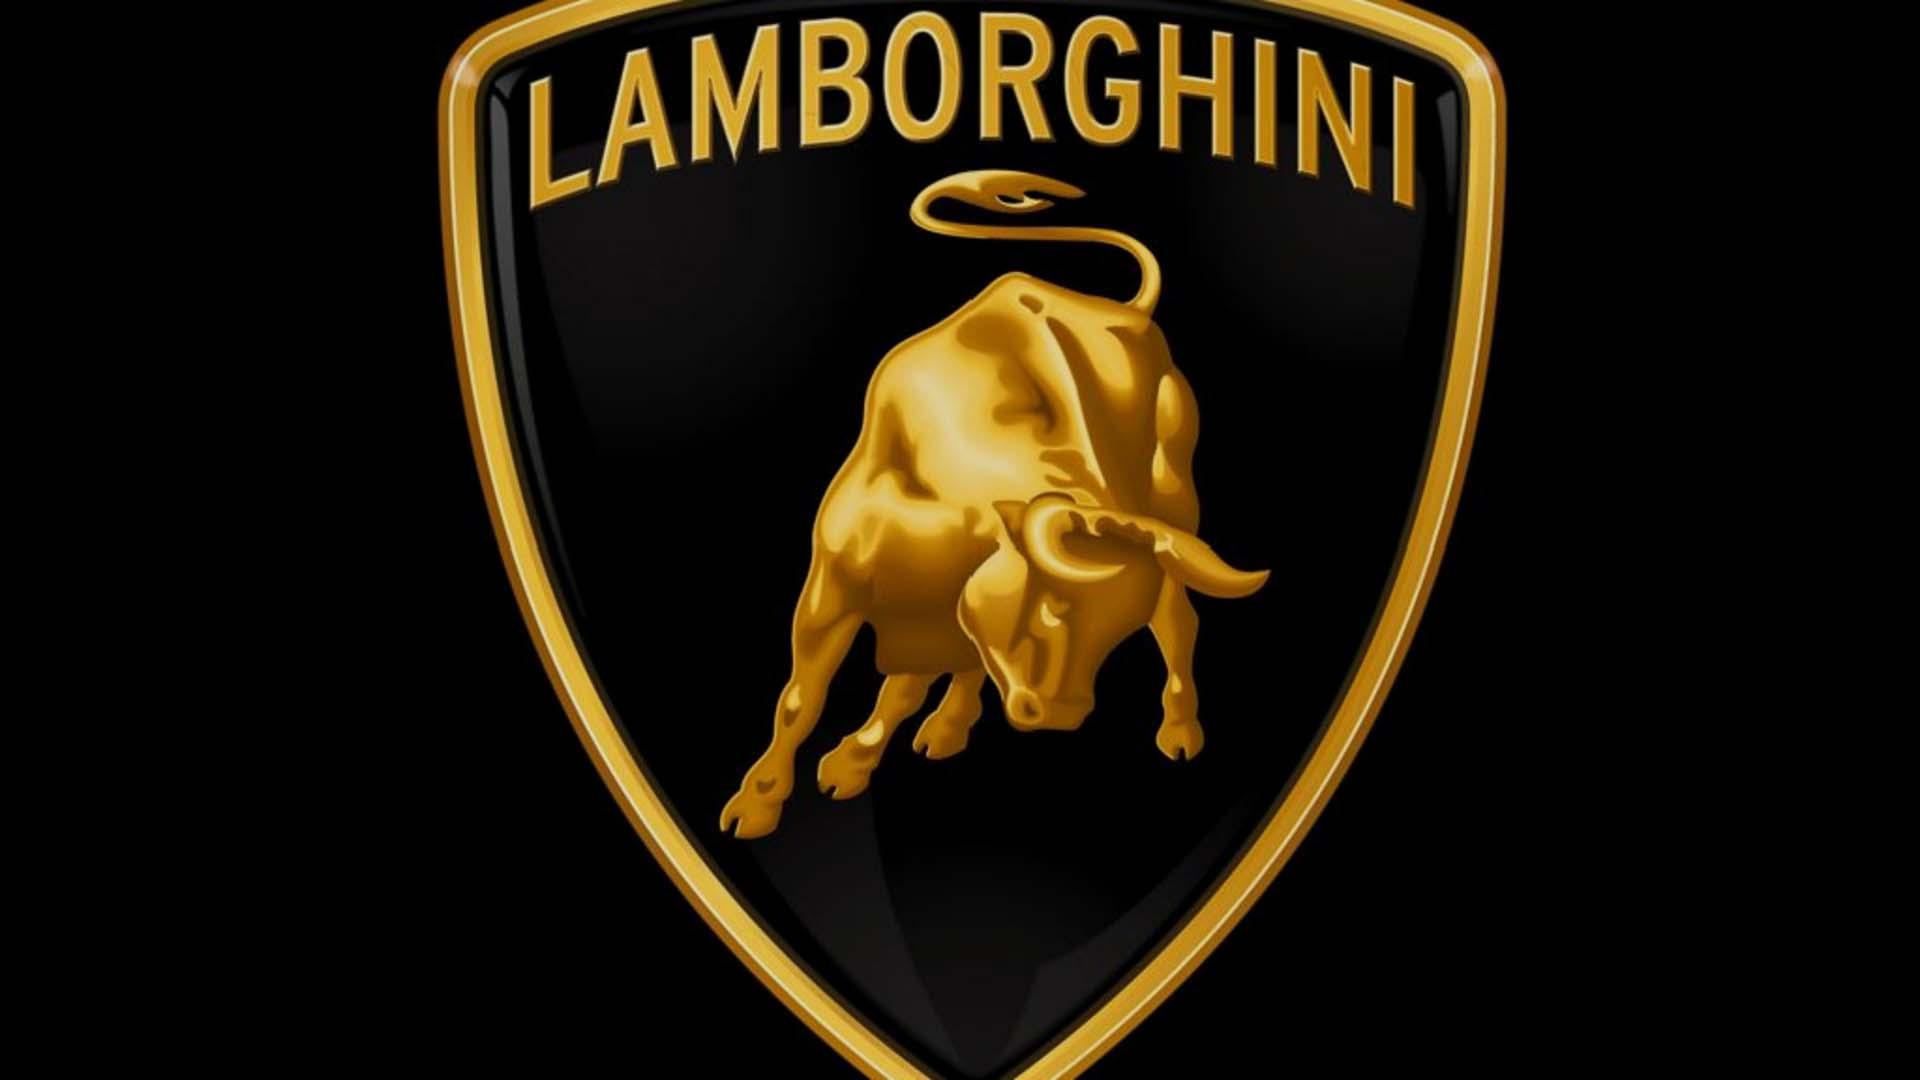 Lamborghini high resolution wallpaper wallpapersafari - Lamborghini symbol wallpaper ...